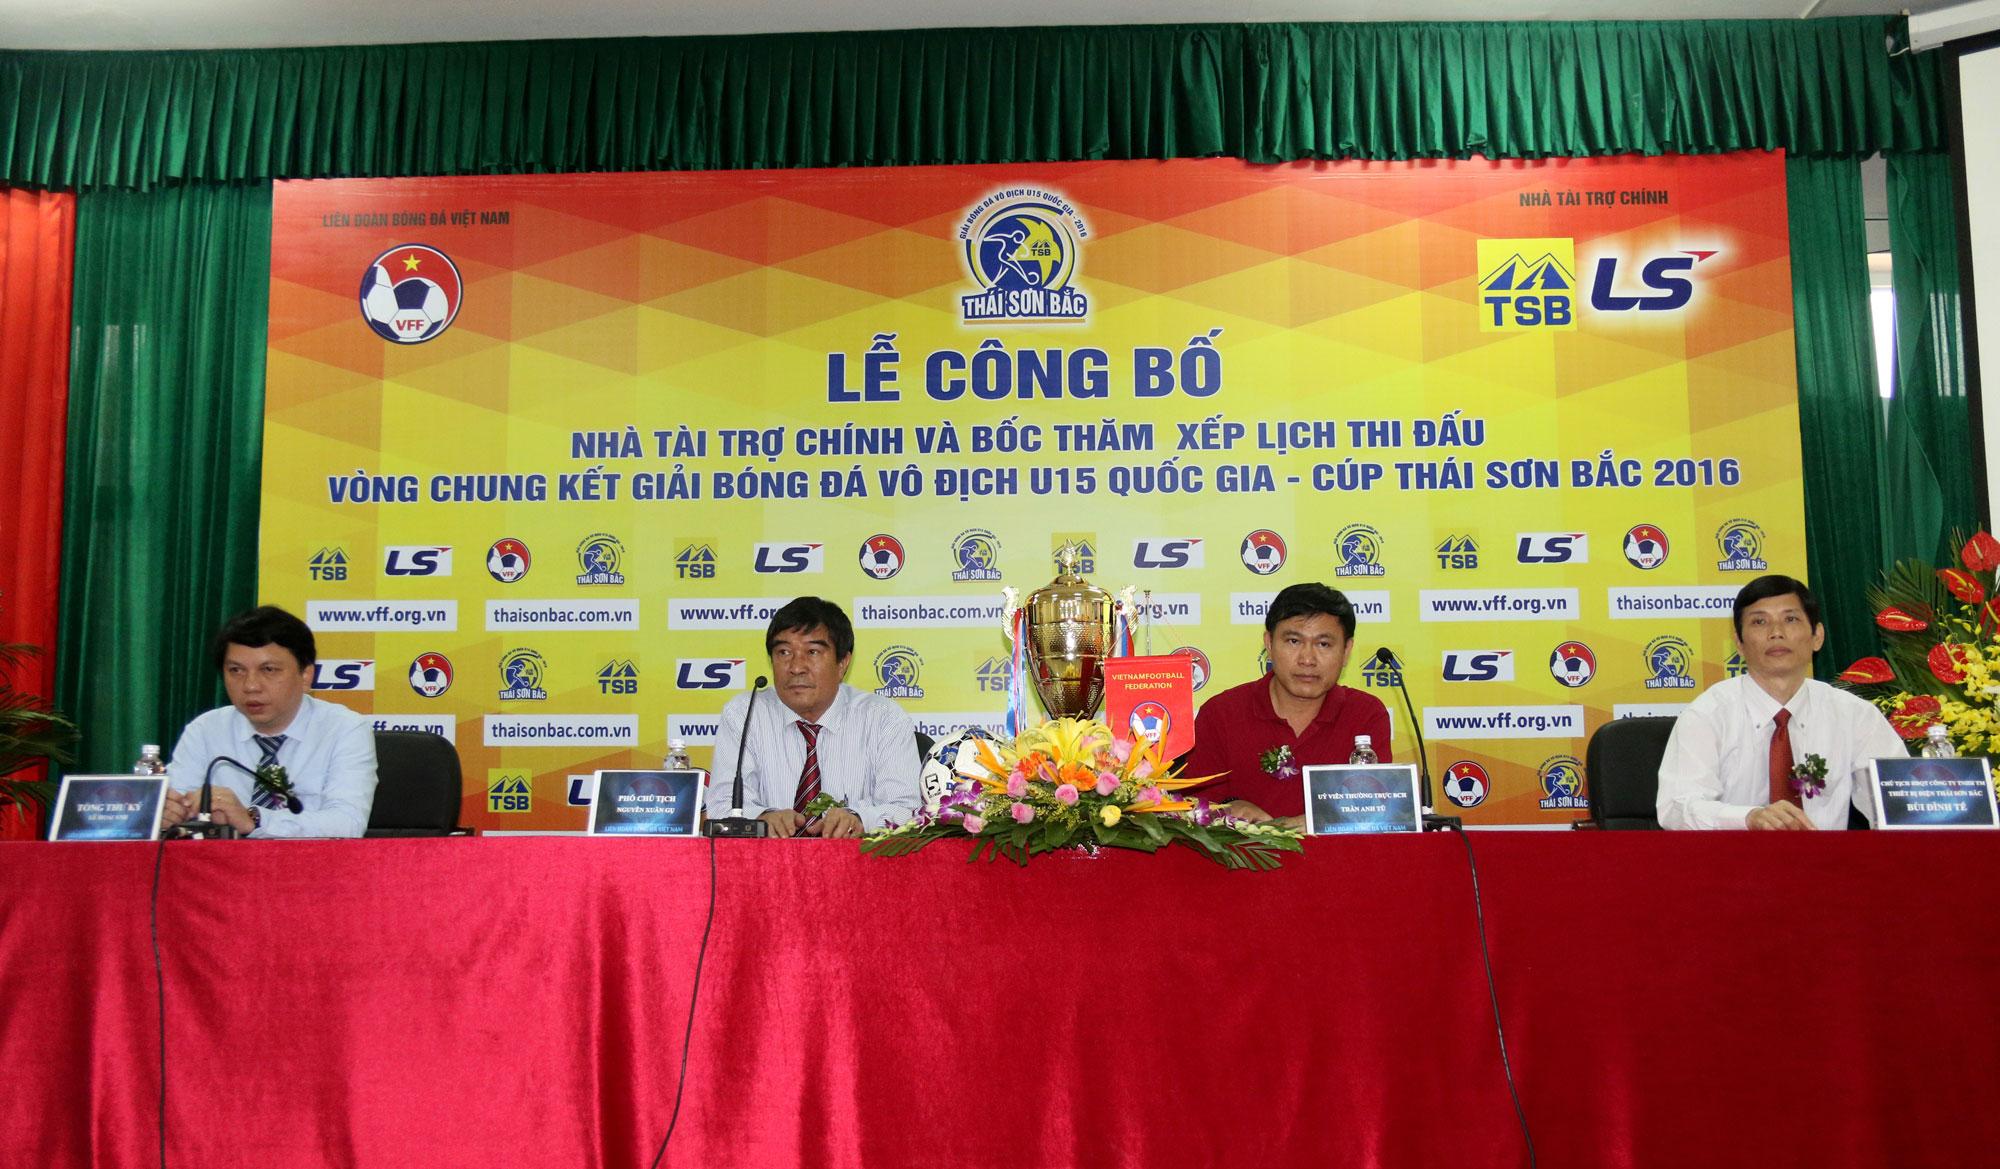 Lễ công bố NTT chính và bốc thăm xếp LTD VCK giải Bóng đá Vô địch U15 Quốc gia - Cúp Thái Sơn Bắc 20